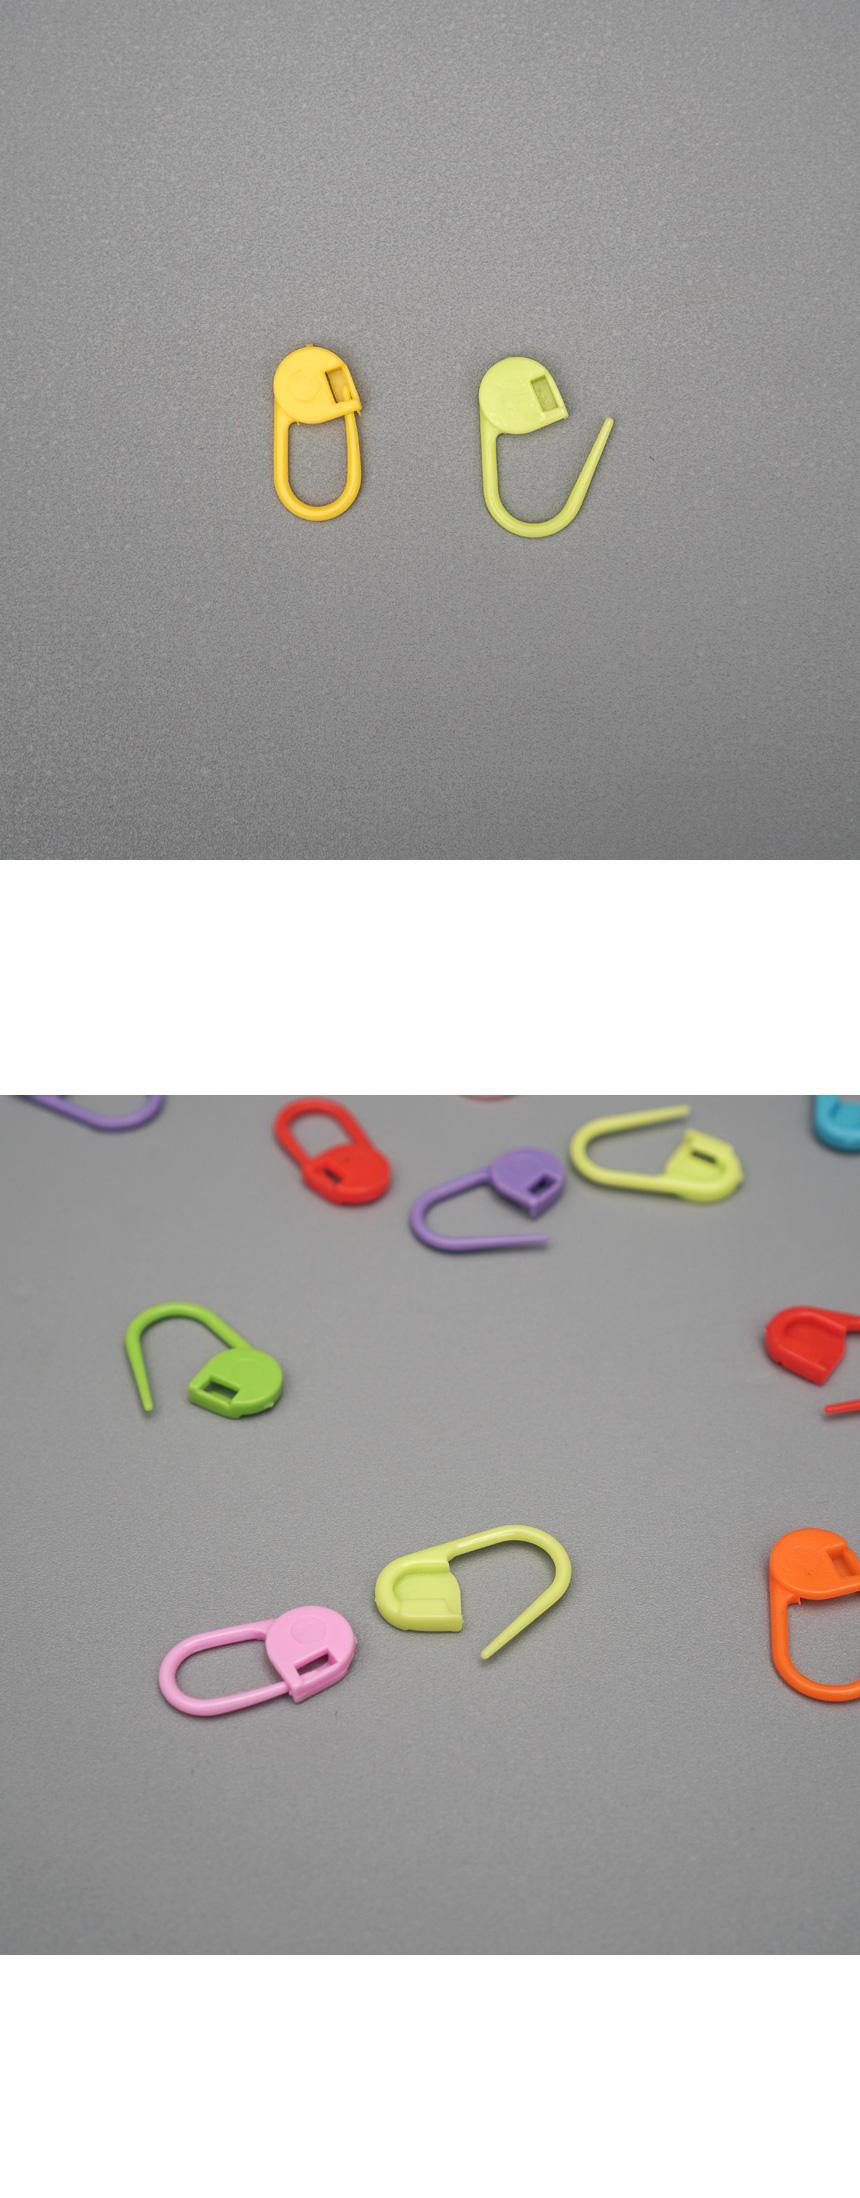 컬러풀 스티치 마커 (10P) - 단수/코수 표시링4,050원-슬로우모먼츠키덜트/취미, 핸드메이드/DIY, 뜨개질, 코바늘/보조바늘바보사랑컬러풀 스티치 마커 (10P) - 단수/코수 표시링4,050원-슬로우모먼츠키덜트/취미, 핸드메이드/DIY, 뜨개질, 코바늘/보조바늘바보사랑